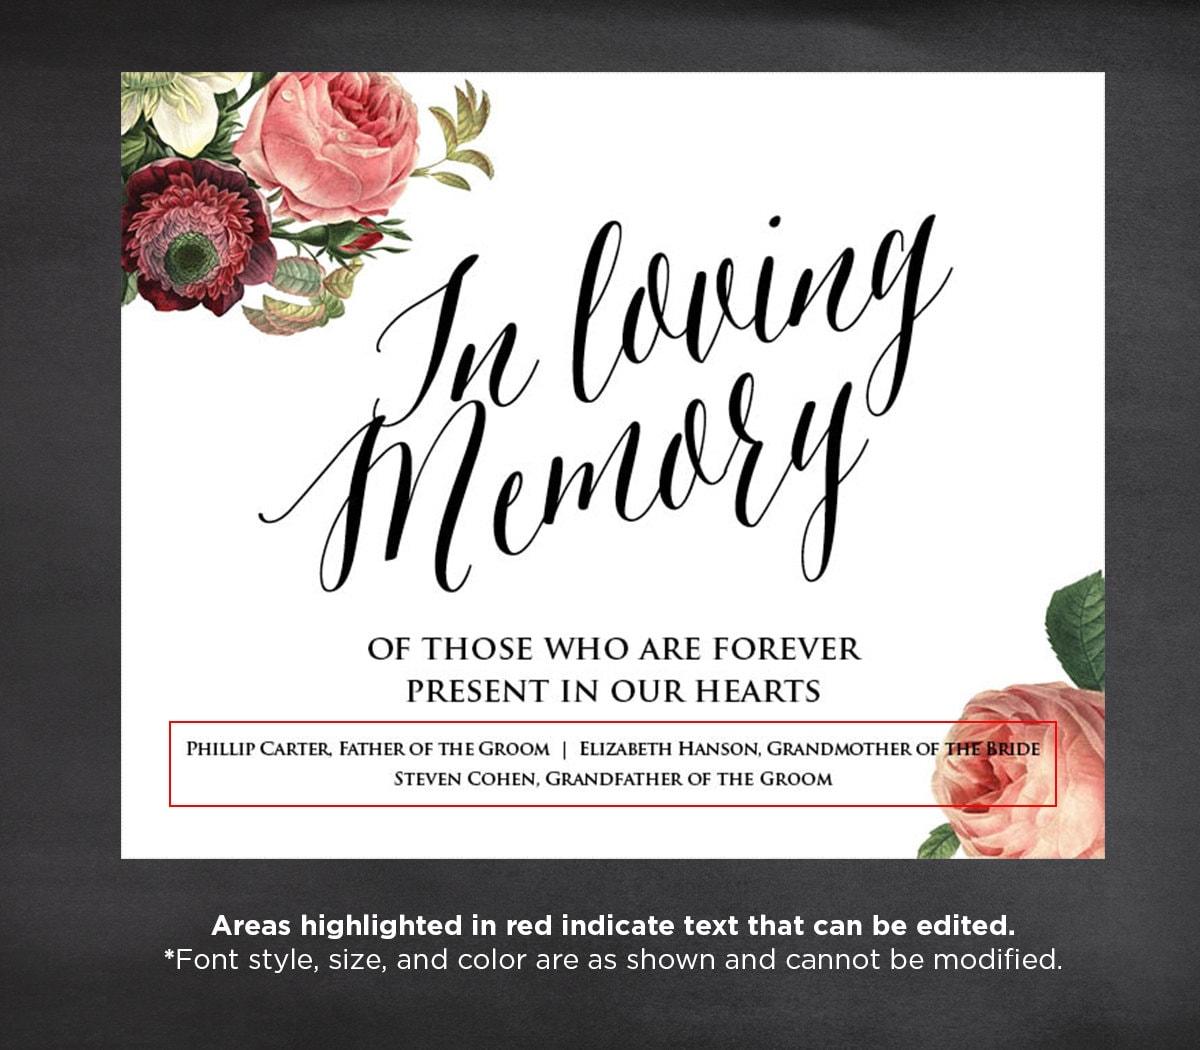 in loving memory templates - Romeo.landinez.co